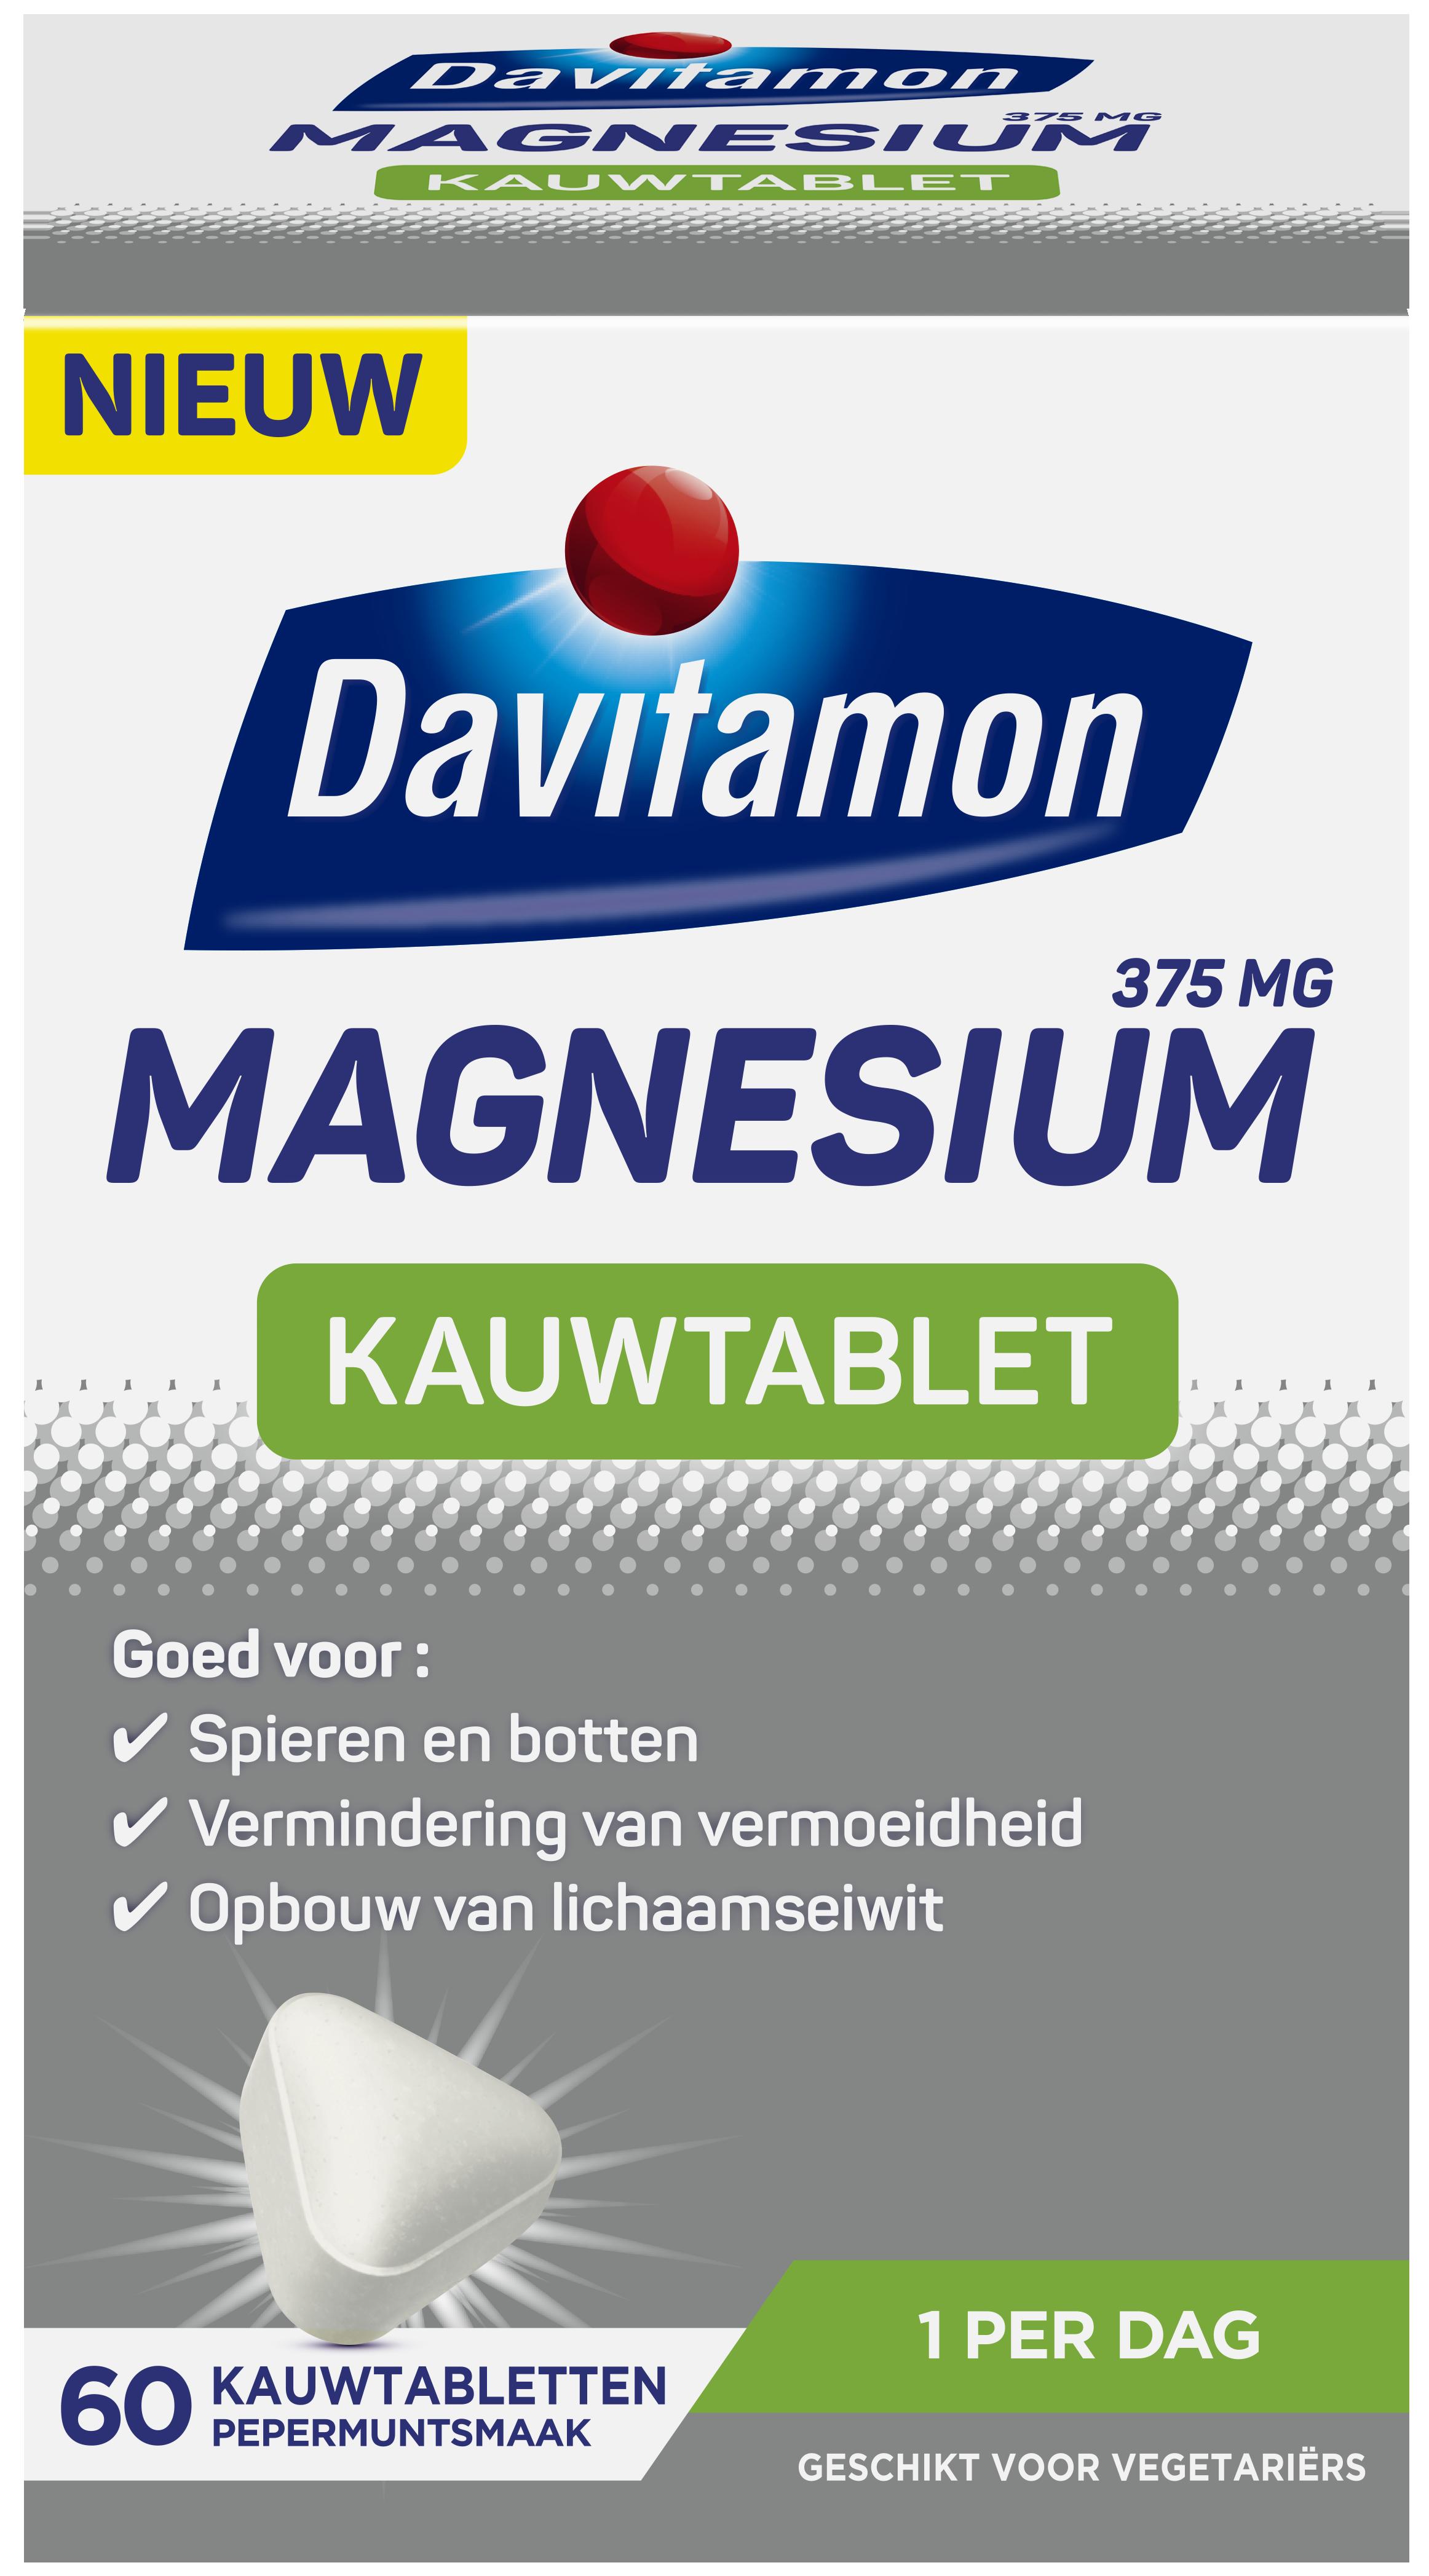 Davitamon Magnesium 375mg Kauwtablet